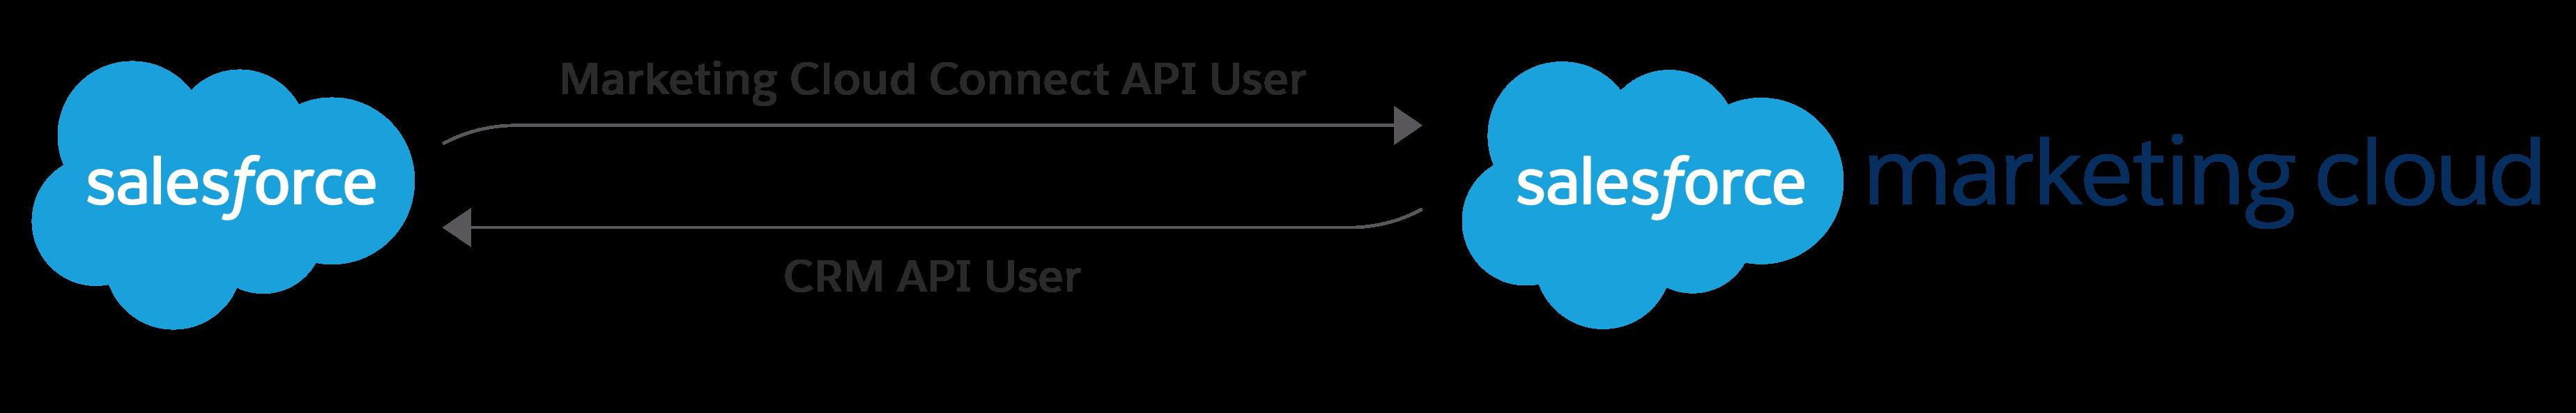 Salesforce と Salesforce Marketing Cloud 間の接続を完了する Marketing Cloud Connect API ユーザと CRM API ユーザを示すリレーション図